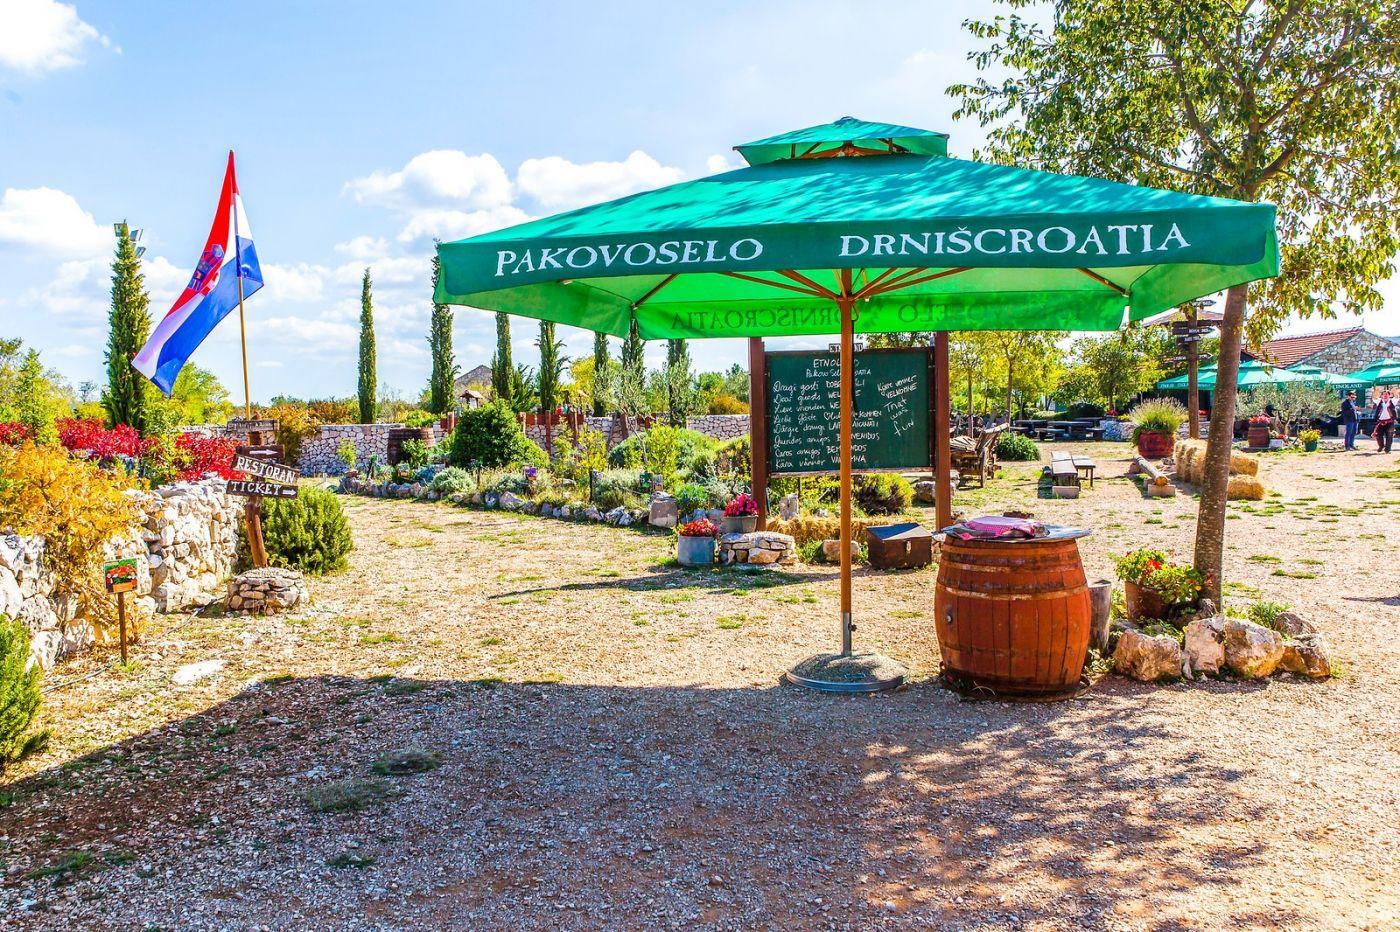 克罗地亚达尔马提亚村,独特的地域风貌_图1-35